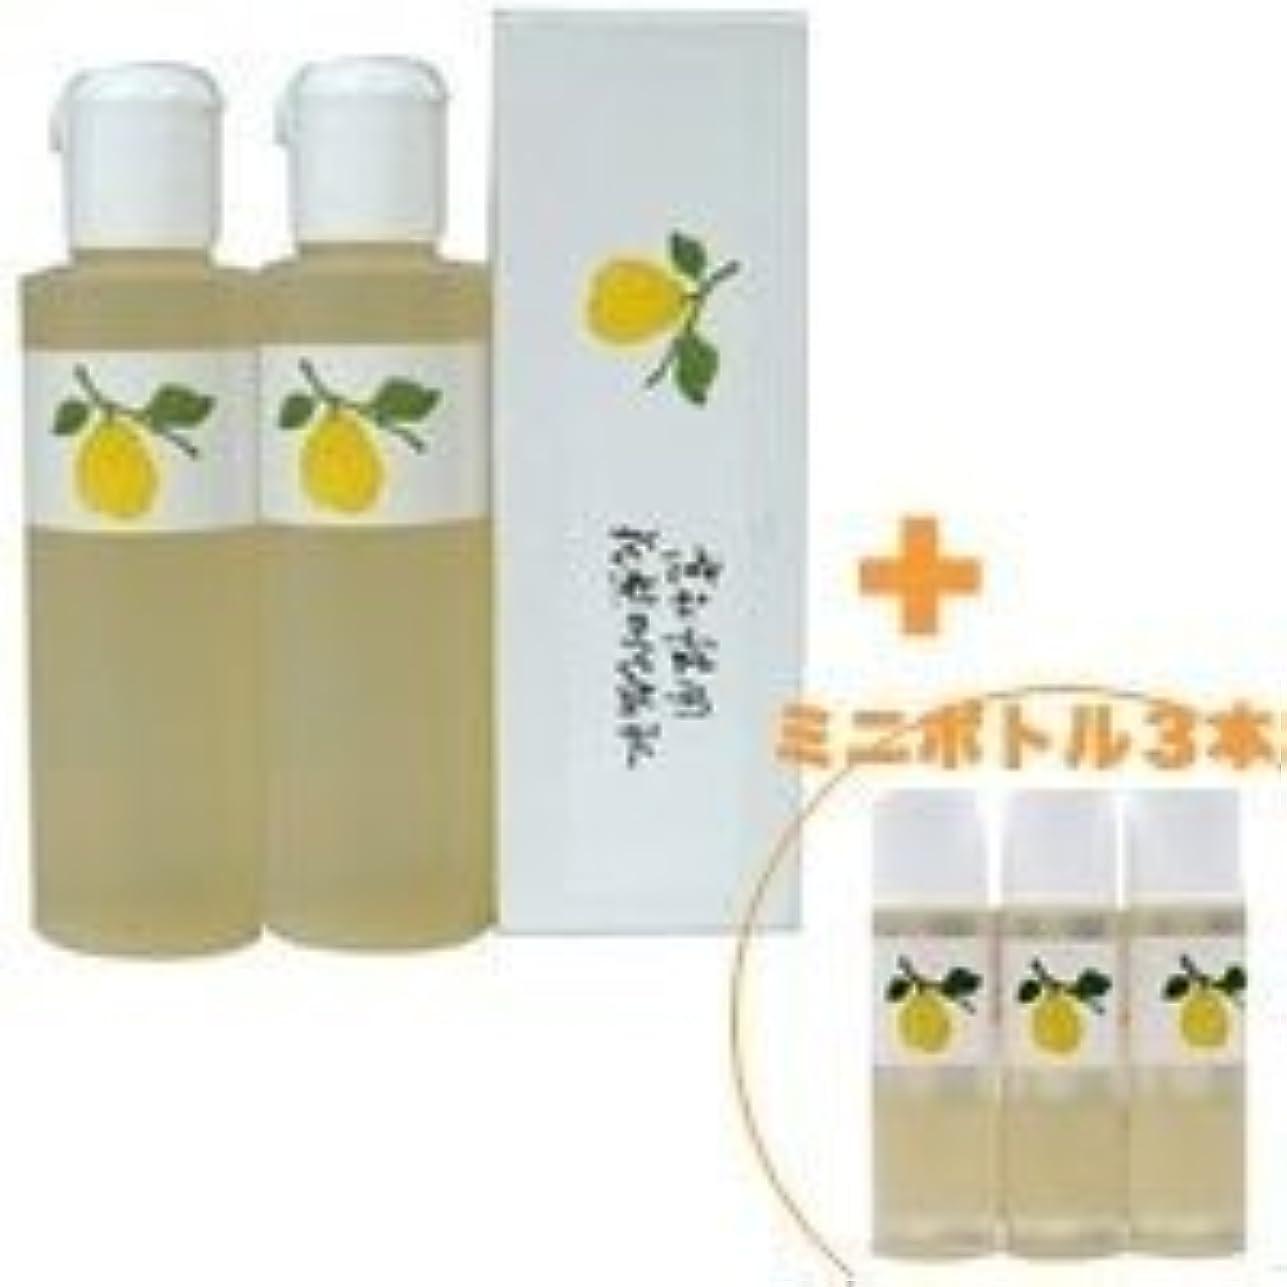 ダッシュ藤色起きて花梨の化粧水 200ml 2本&ミニボトル 3本 美容液 栄養クリームのいらないお肌へ 保湿と乾燥対策に